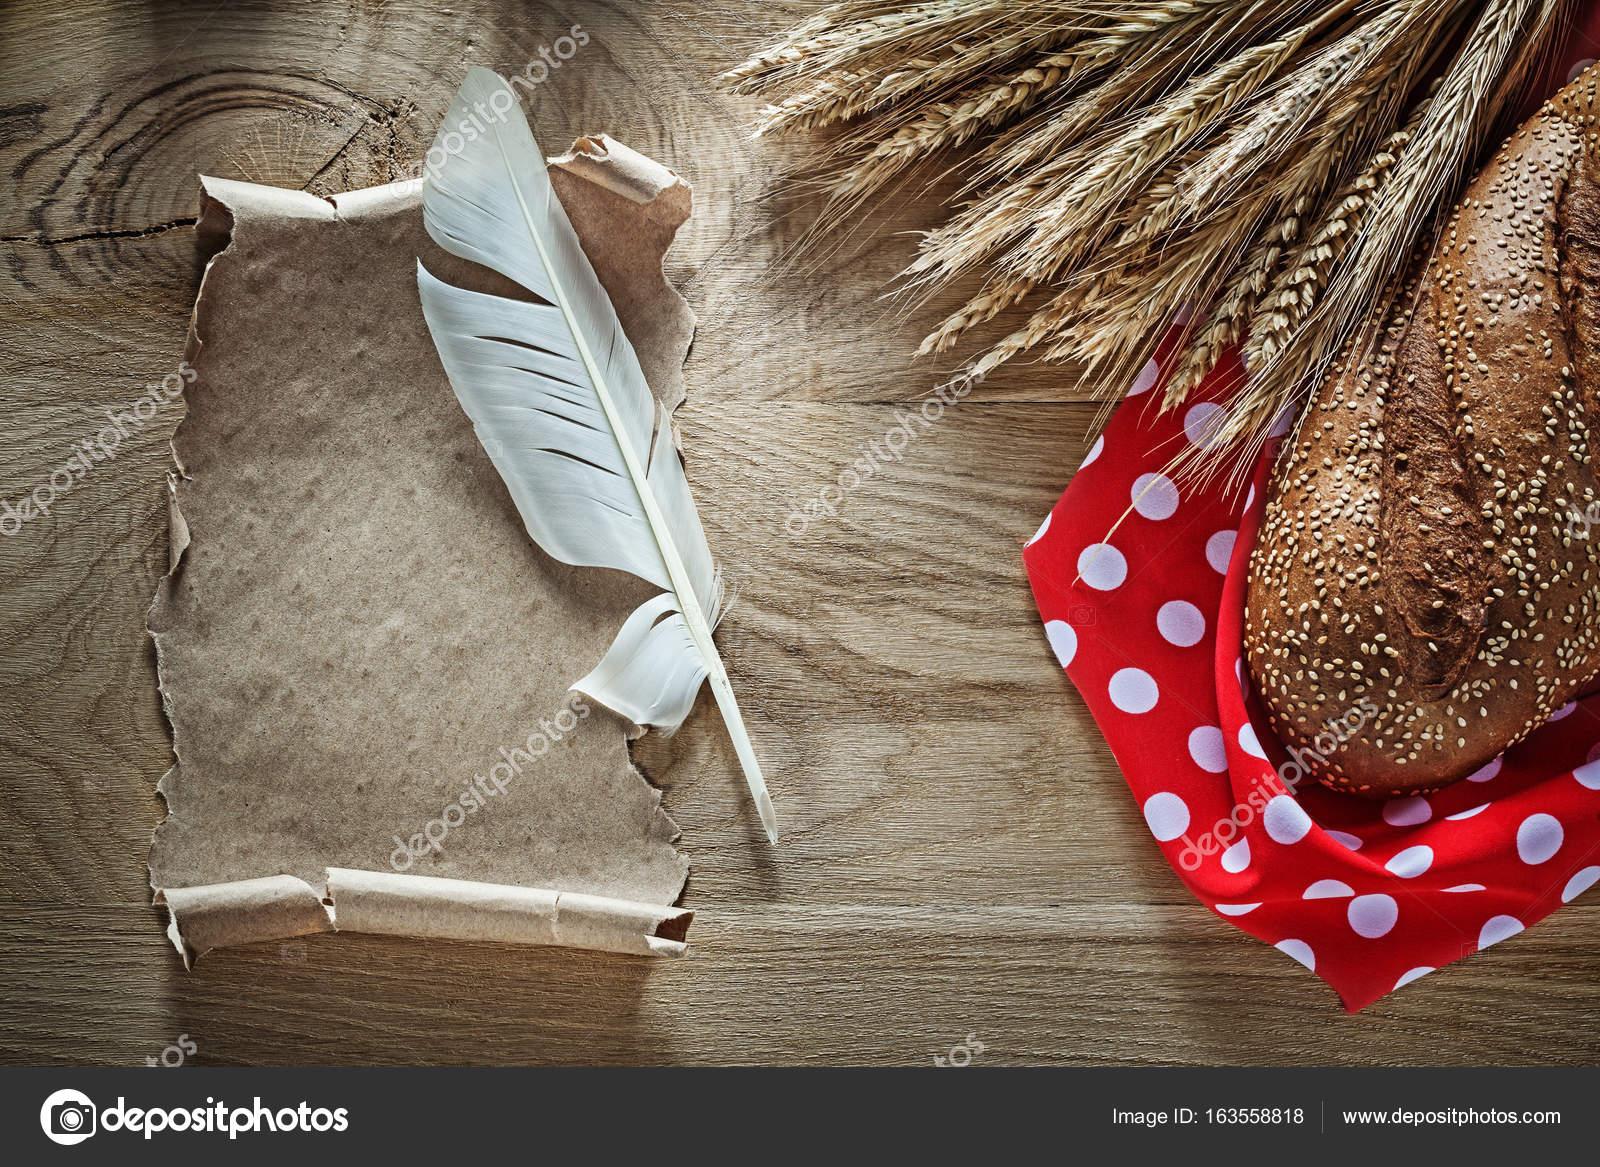 Resultado de imagen para Imágenes de pluma y pan